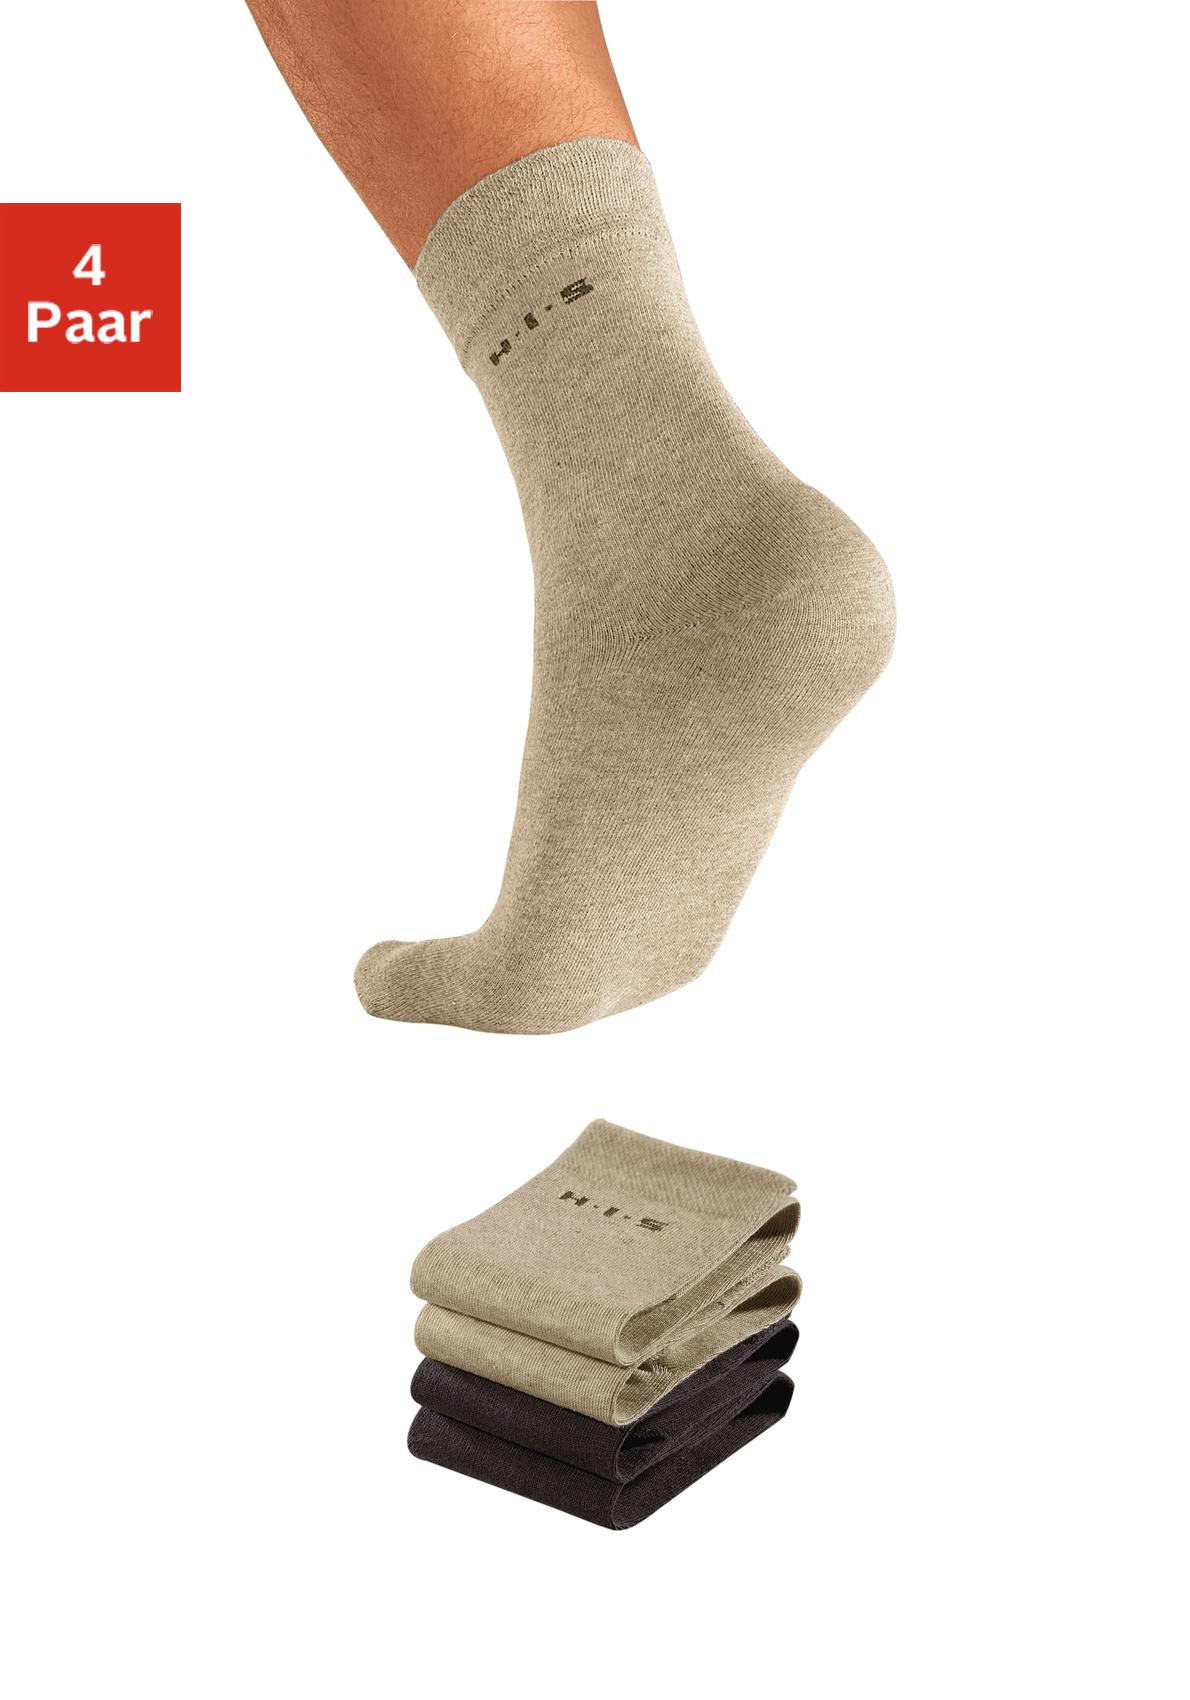 H.I.S Socken (4 Paar) mit druckfreiem Bündchen